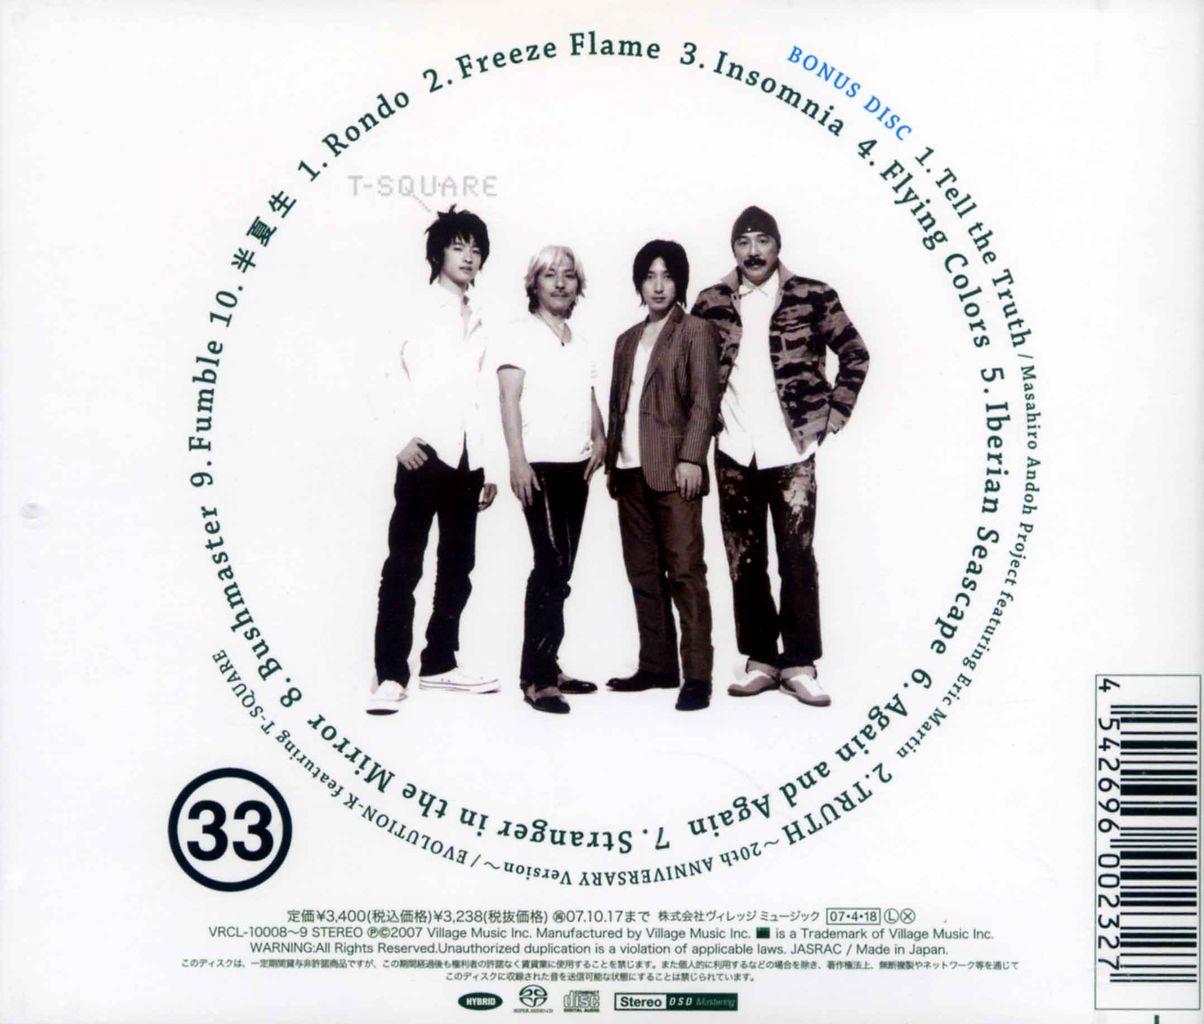 33(THIRTY-THREE)-3